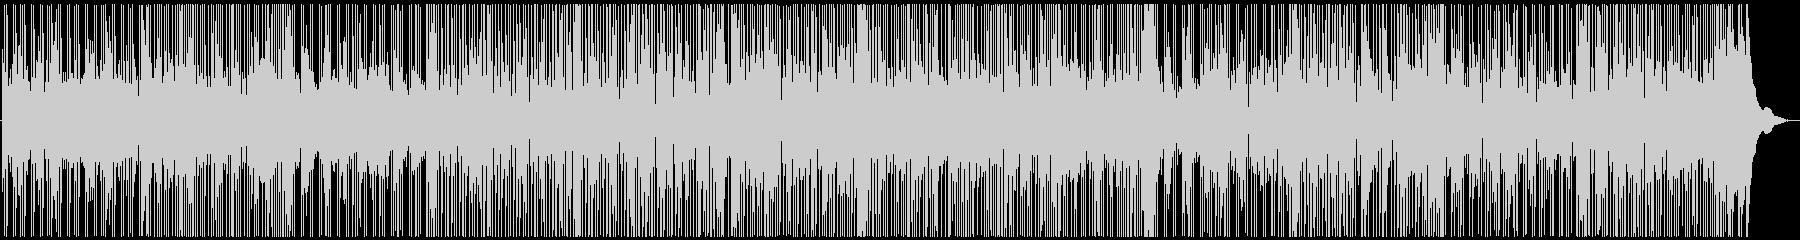 スローファンクのピアノBGMの未再生の波形